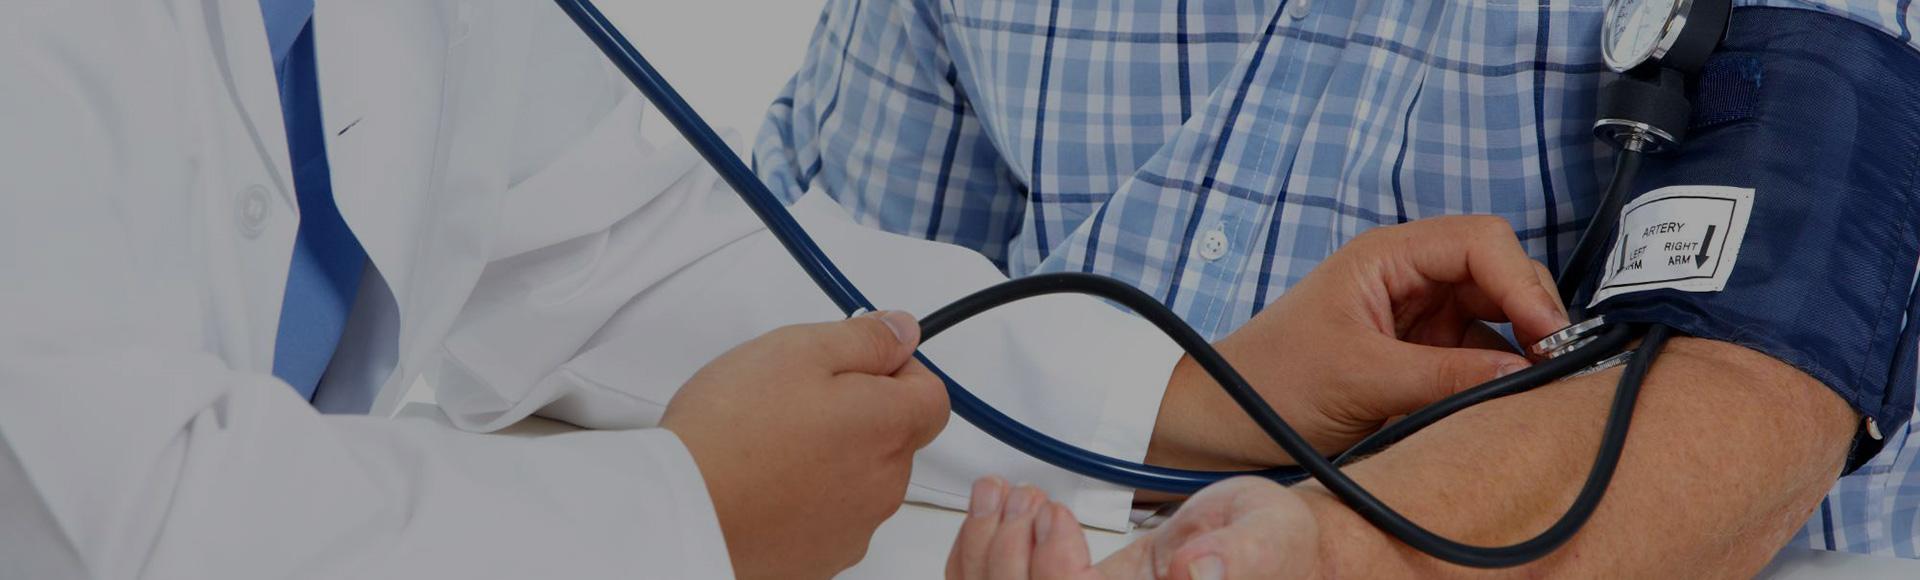 Holter pressorio - Farmacia Morlotti